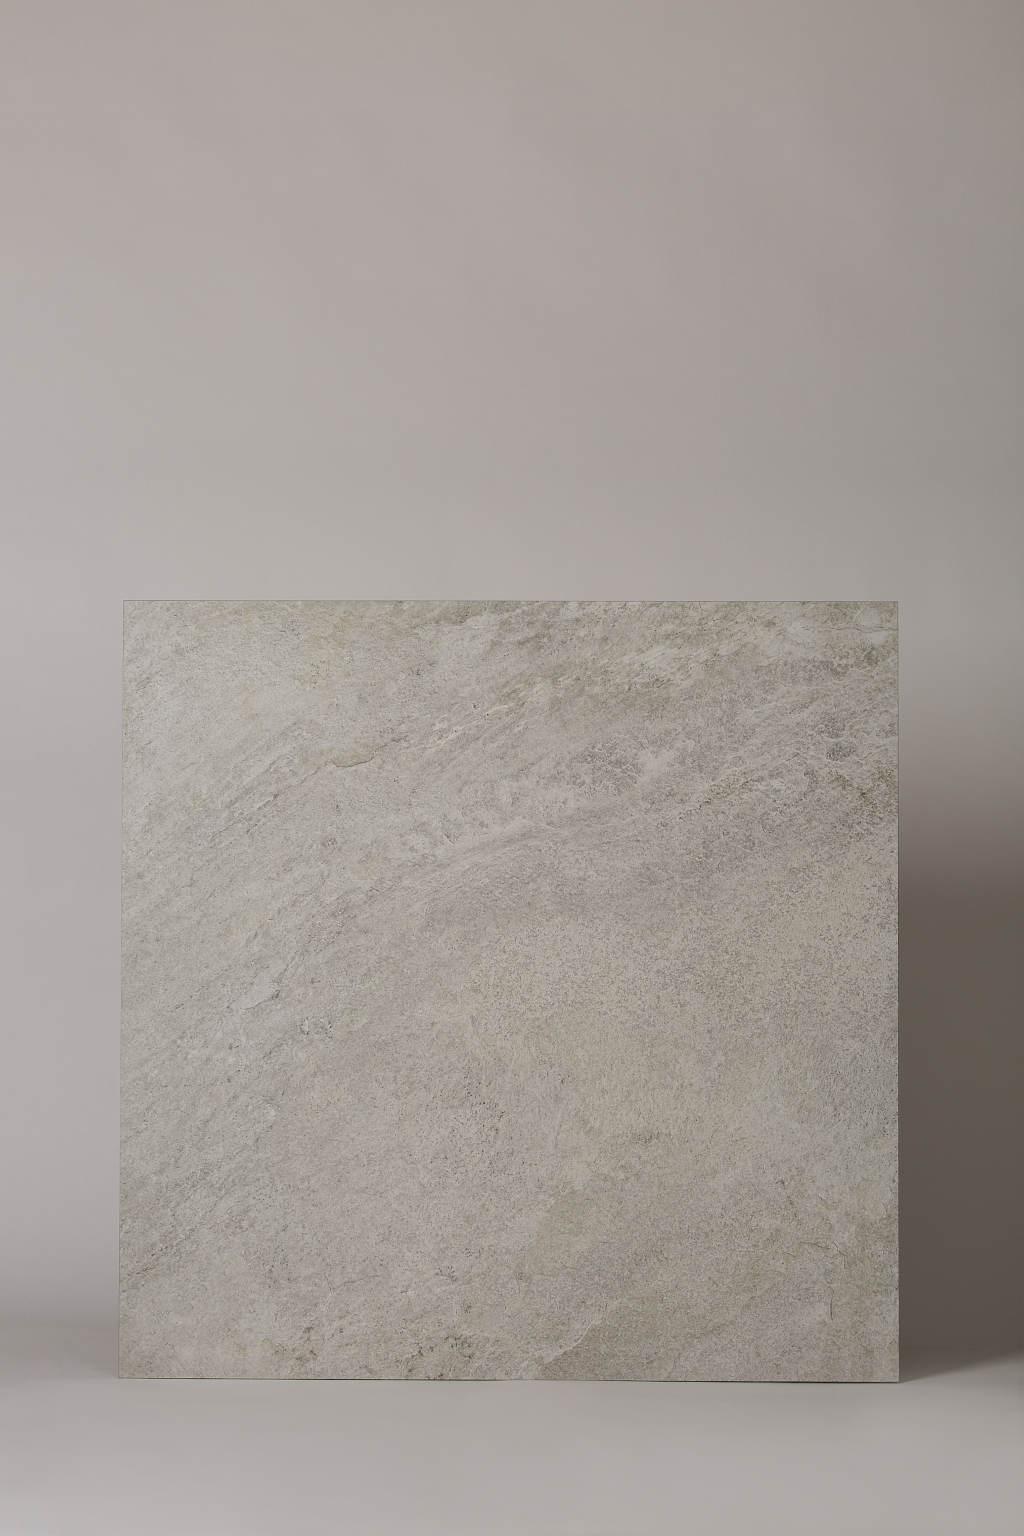 Płytka gresowa, włoska, matowa, rozmiar 80x80cm, rektyfikowana, mrozoodporna, podłoga, ściana - LA FABBRICA Storm salt 80×80